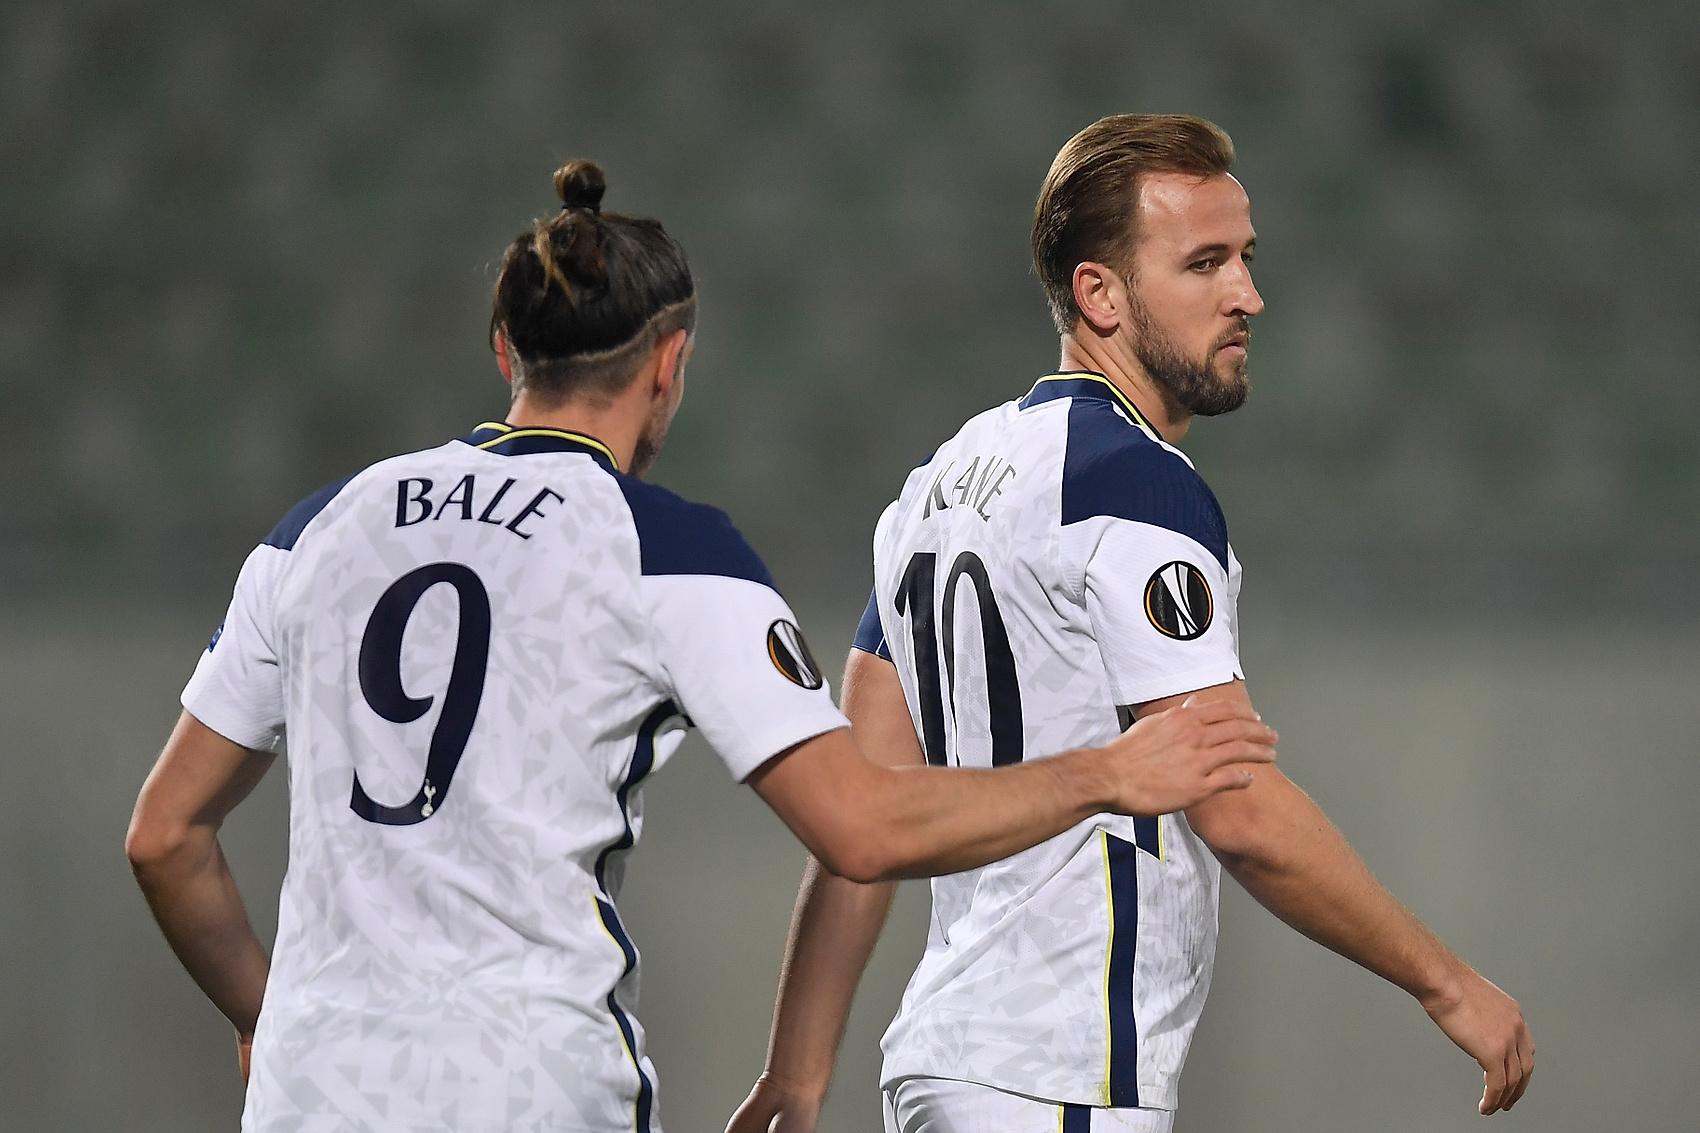 Bale i Kane Tottki